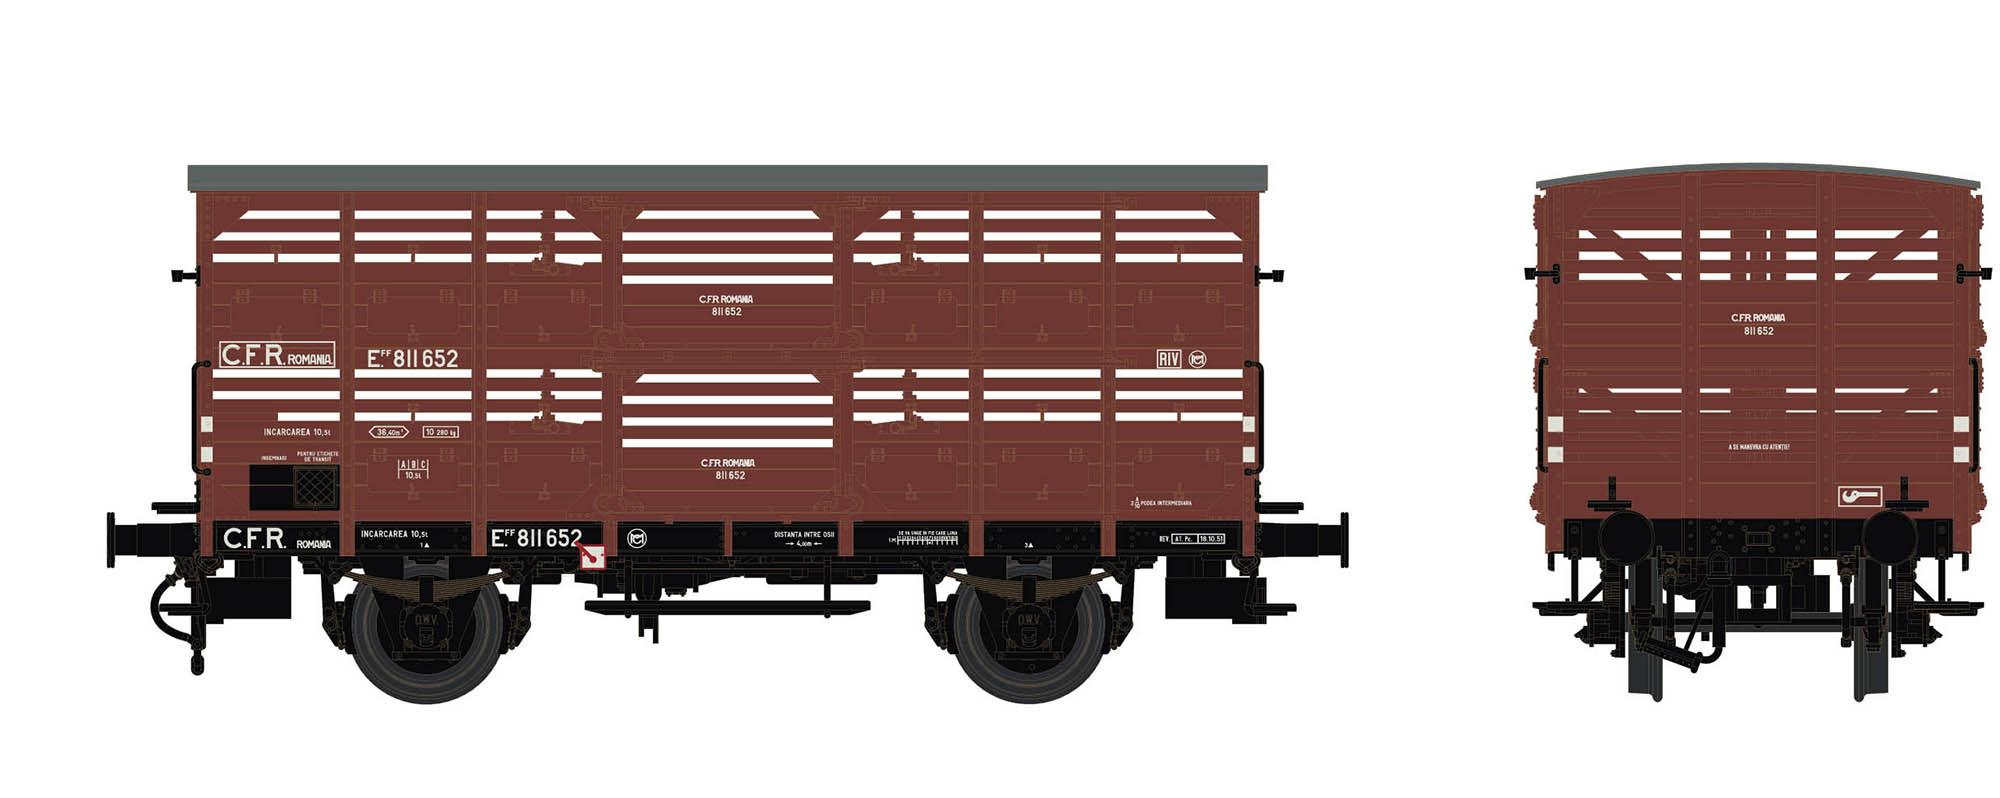 Wagenbausatz Verschlagwagen Vh14, CFR, Epoche III